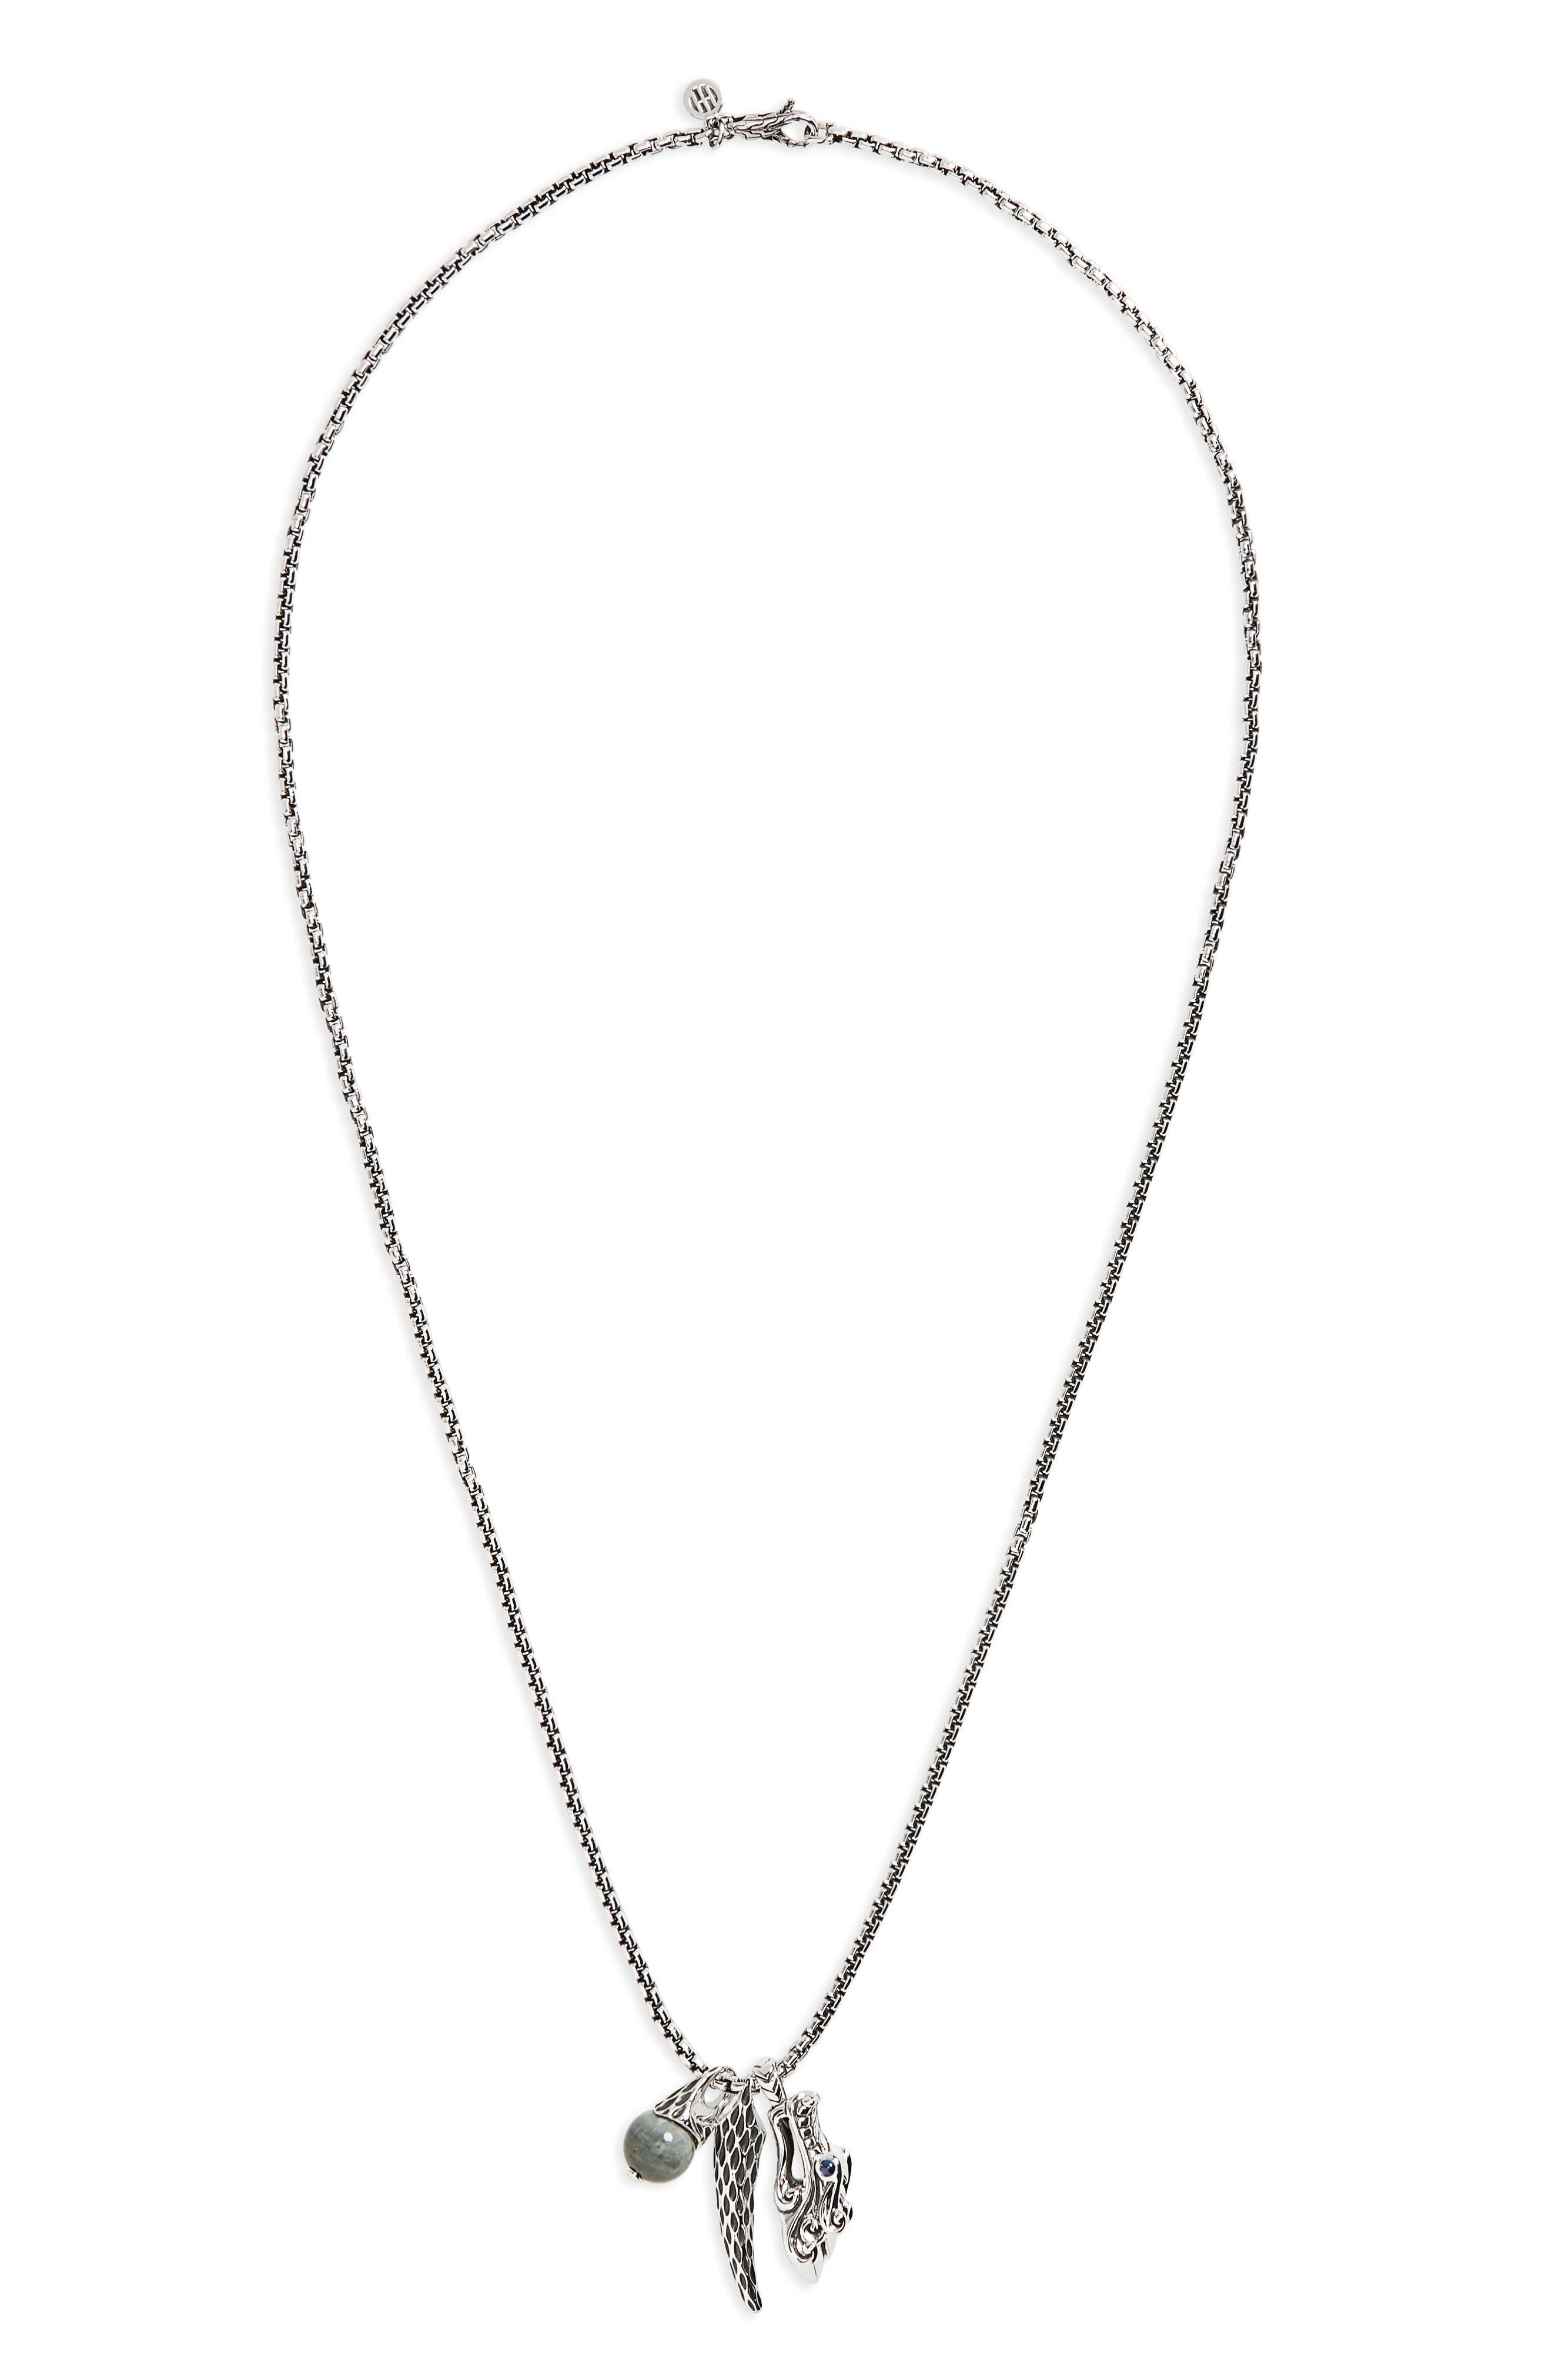 Legends Naga Triple Charm Pendant Necklace,                             Main thumbnail 1, color,                             Silver/ Blue Sapphire